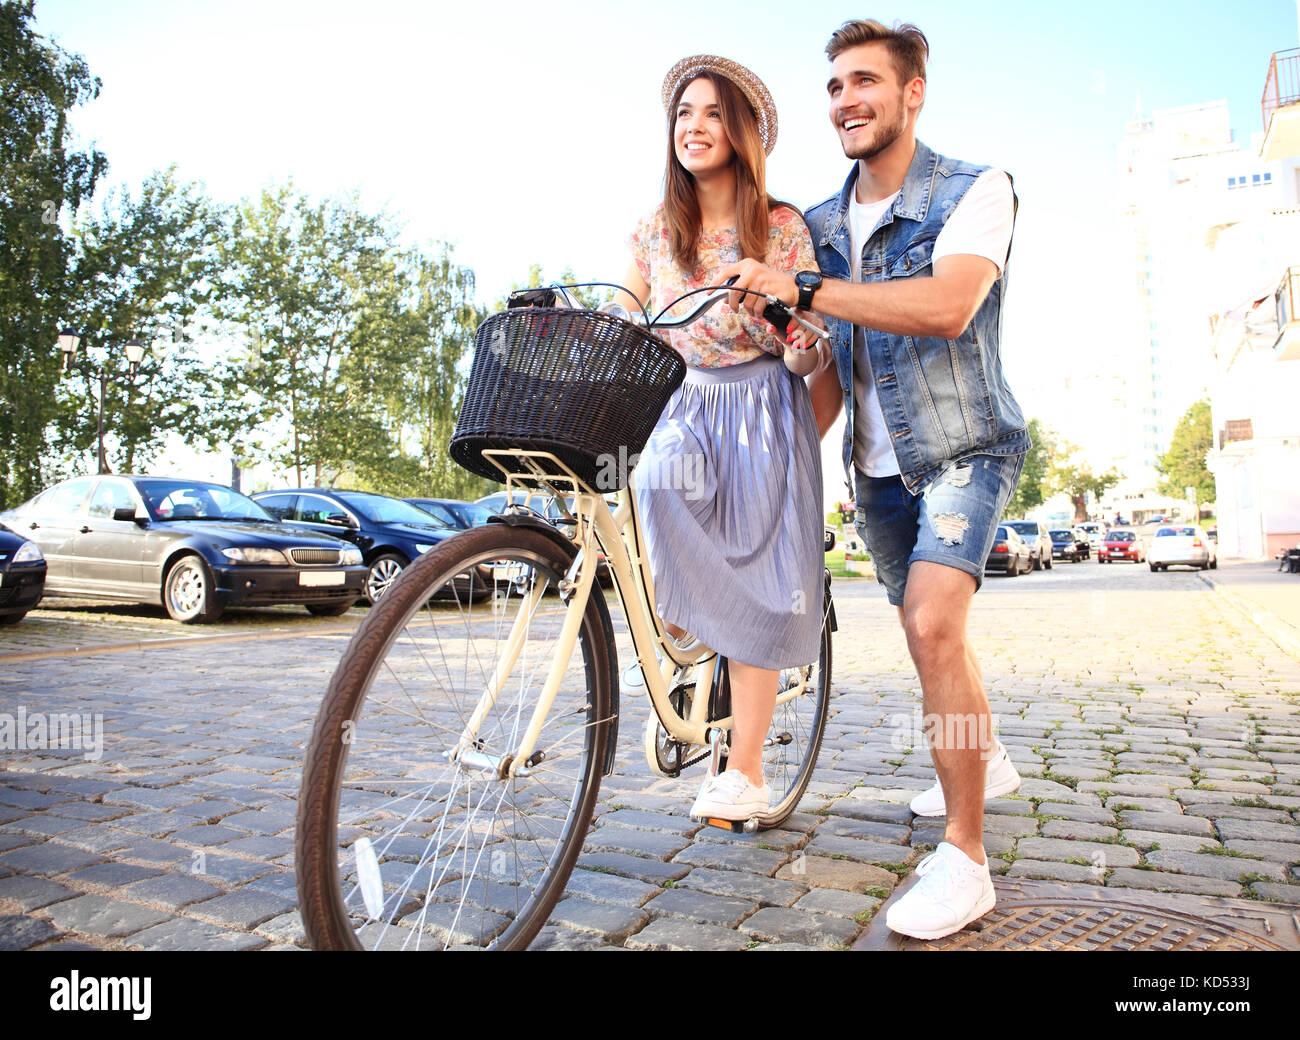 Felice coppia giovane di andare per un giro in bici su un giorno di estate in città.si stanno divertendo insieme. Immagini Stock